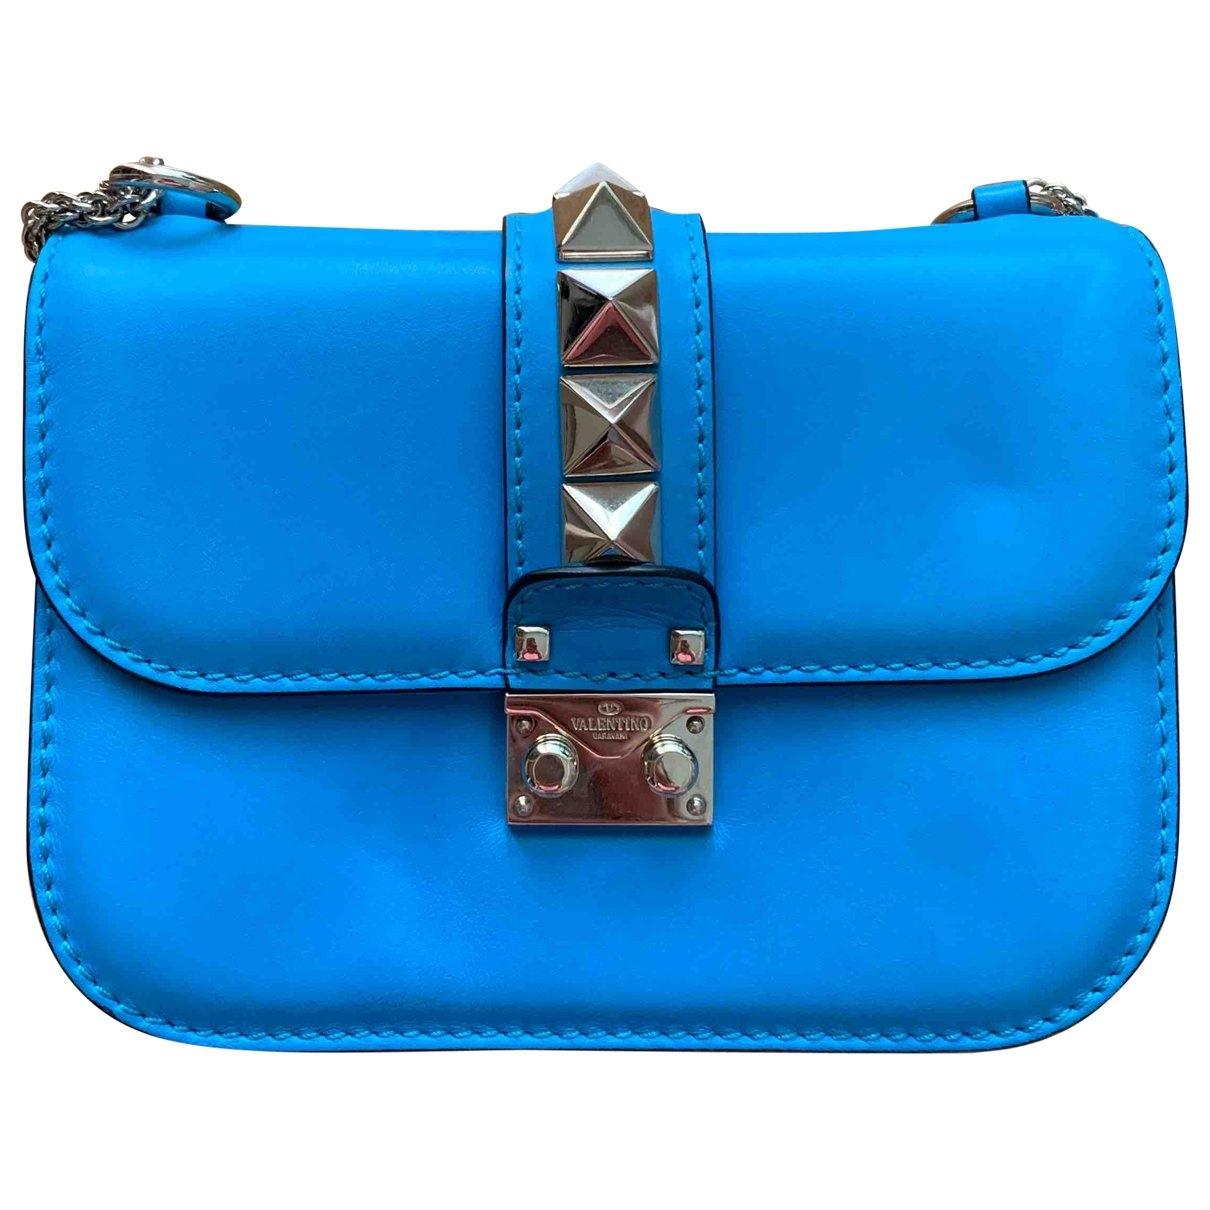 Valentino Garavani - Sac a main   pour femme en cuir - bleu